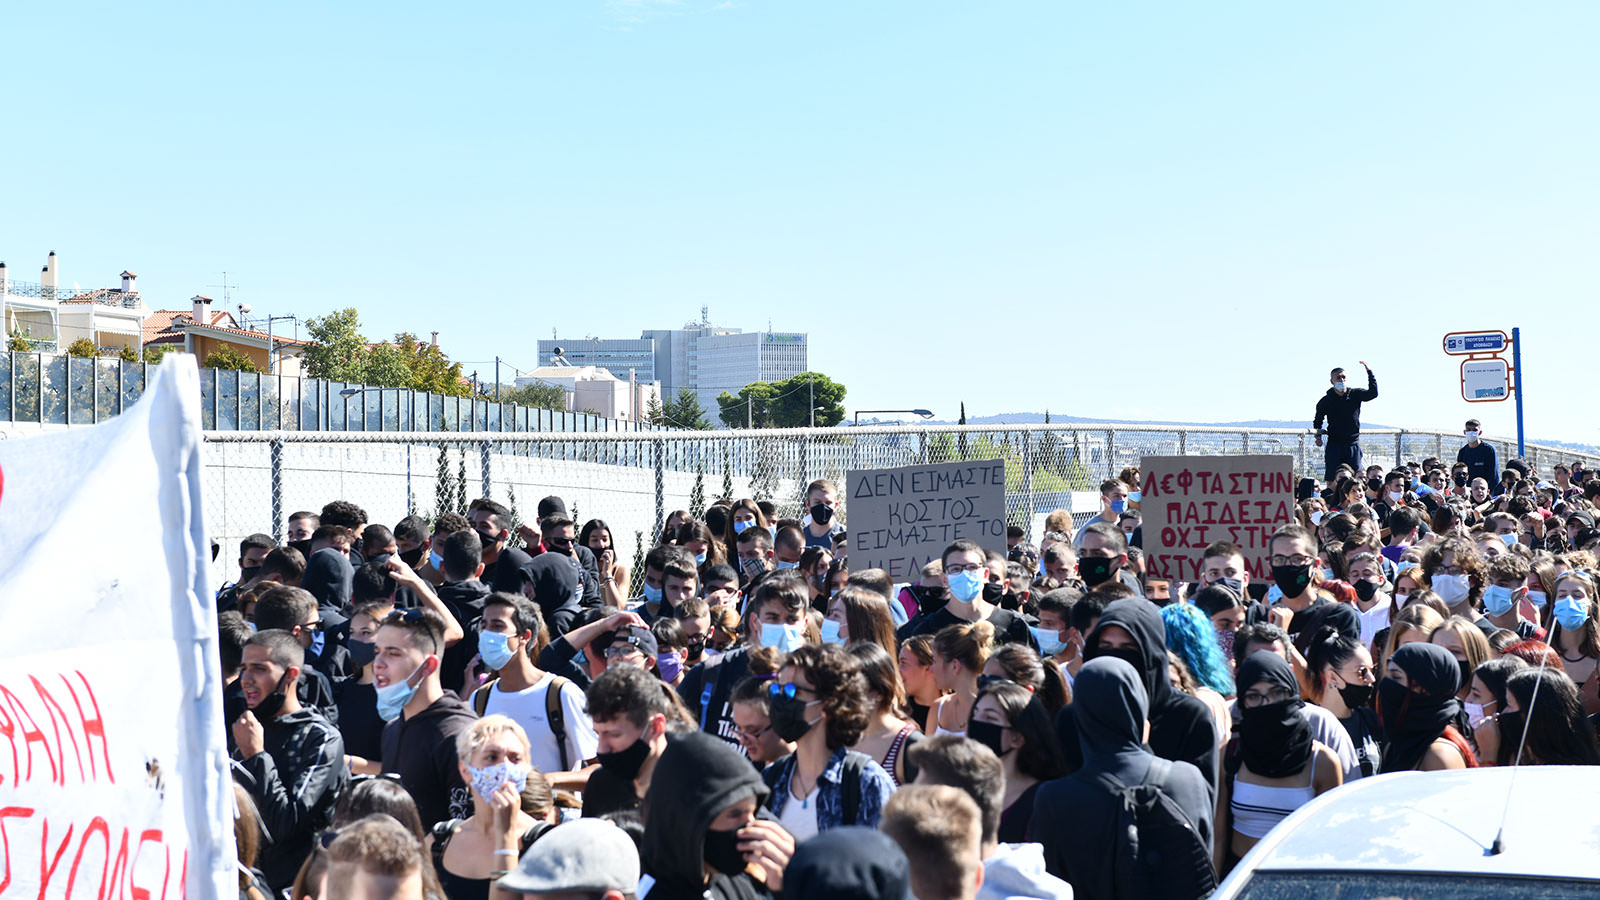 μαθητική διαδήλωση μαρούσι υπουργείο παιδείας 9 Οκτωβρίου